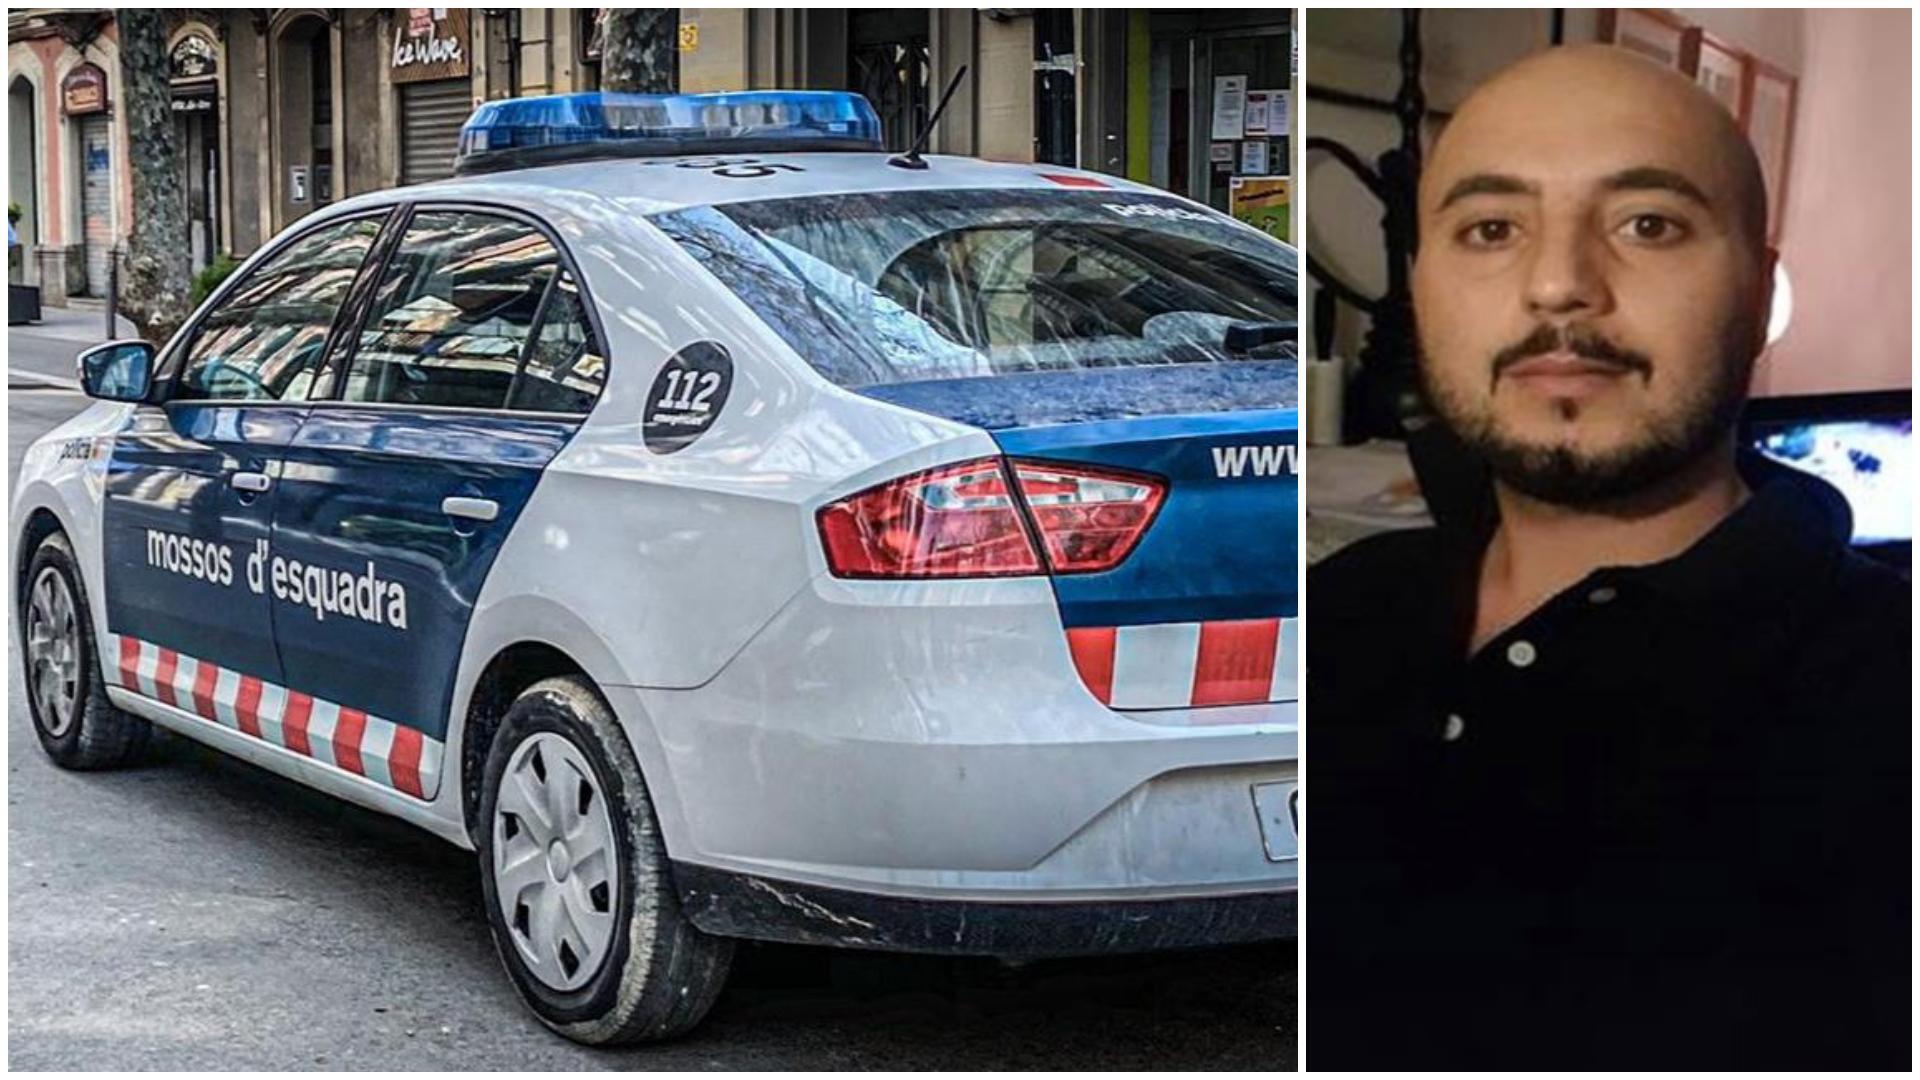 Els Mossos d'Esquadra cerquen a Ayad Mirza, un jove suec desaparegut a la Barceloneta / Mossos